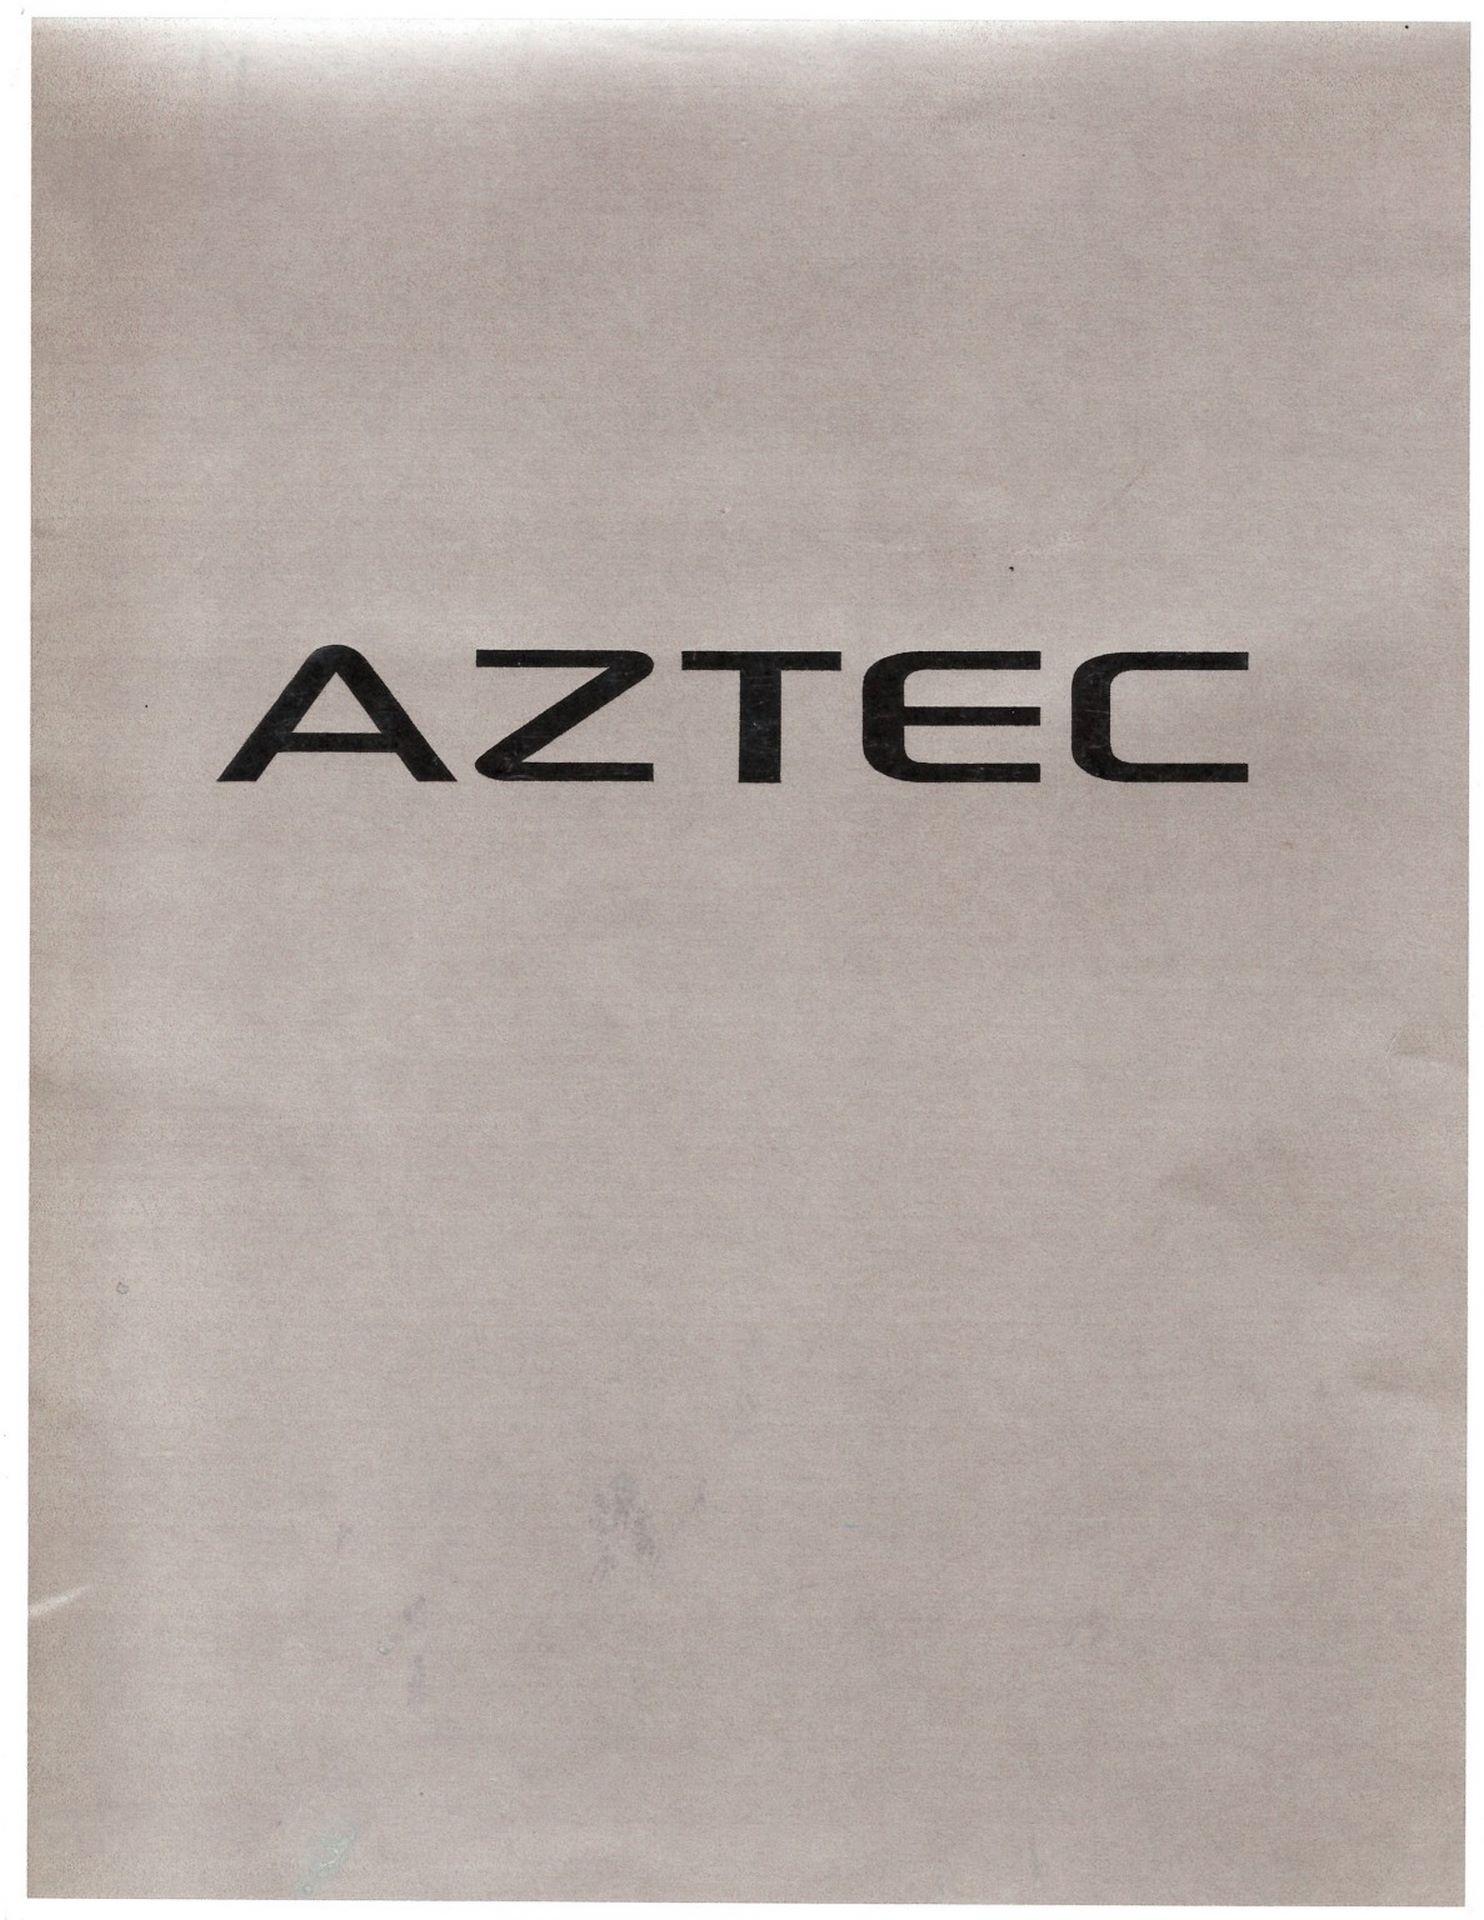 Italdesign-Aztec-1988-128